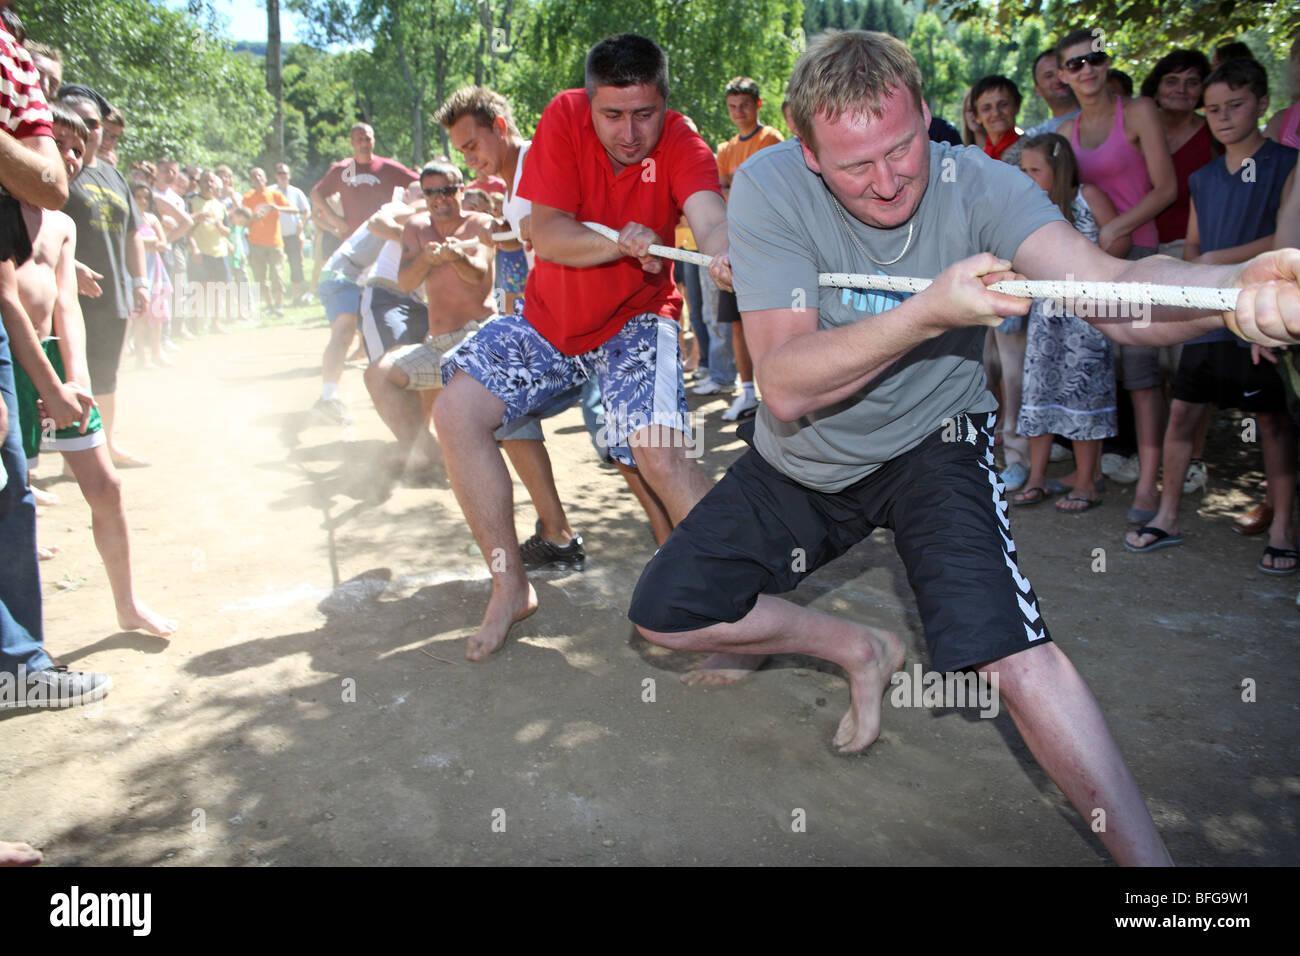 Une équipe de l'homme tire corde sur une plage à un remorqueur de la guerre vu par la foule de spectateurs. Photo Stock